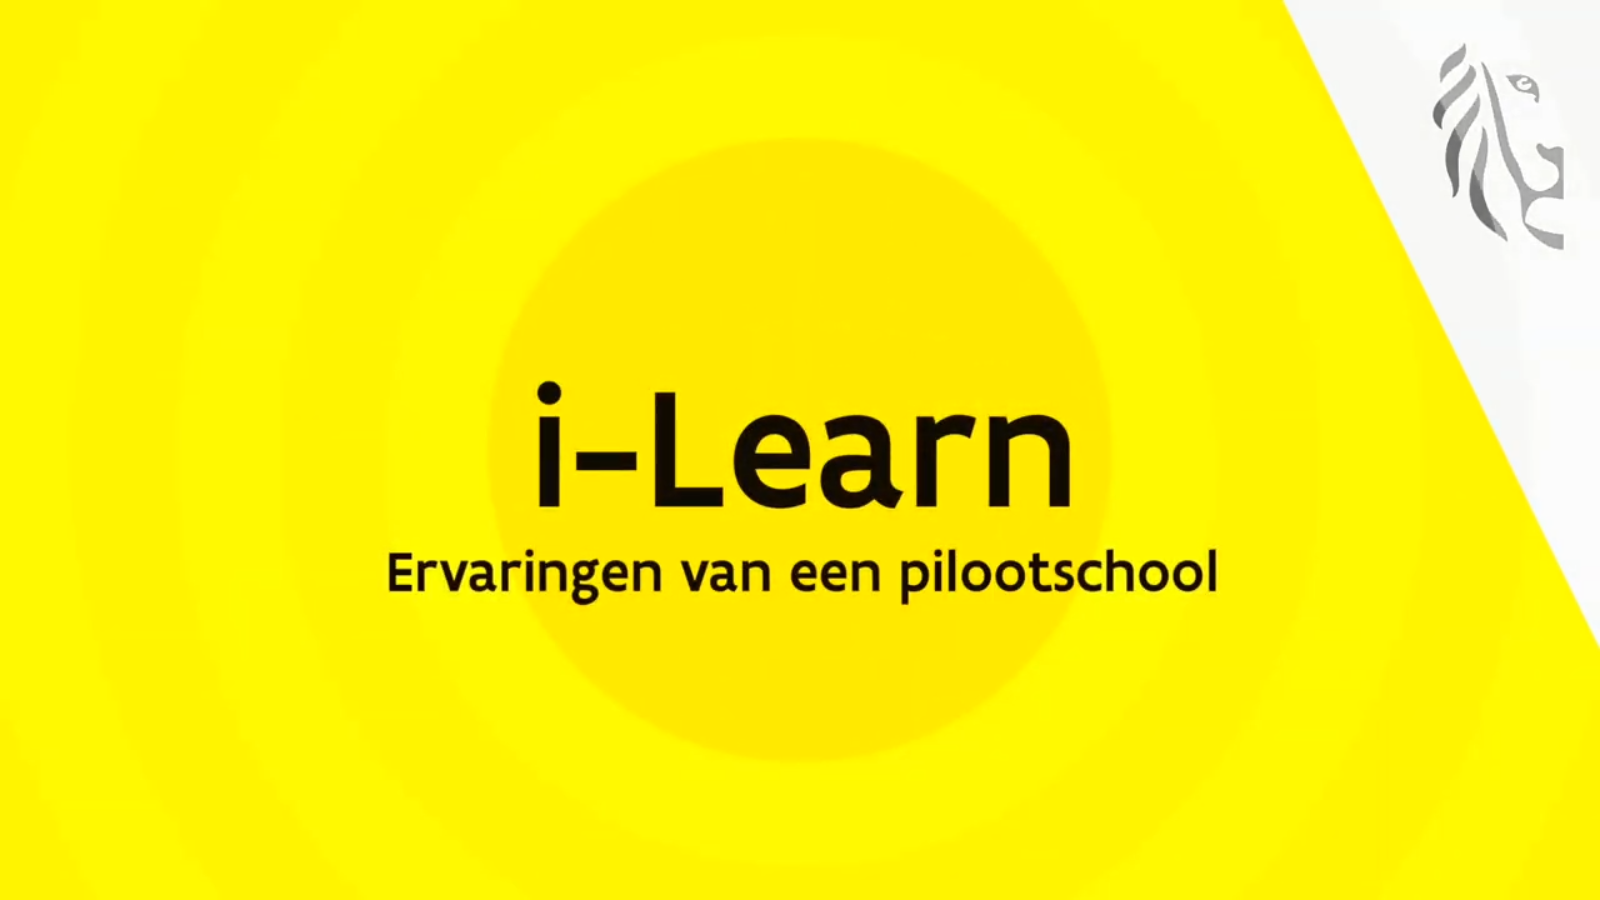 video ervaringen van een pilootschool